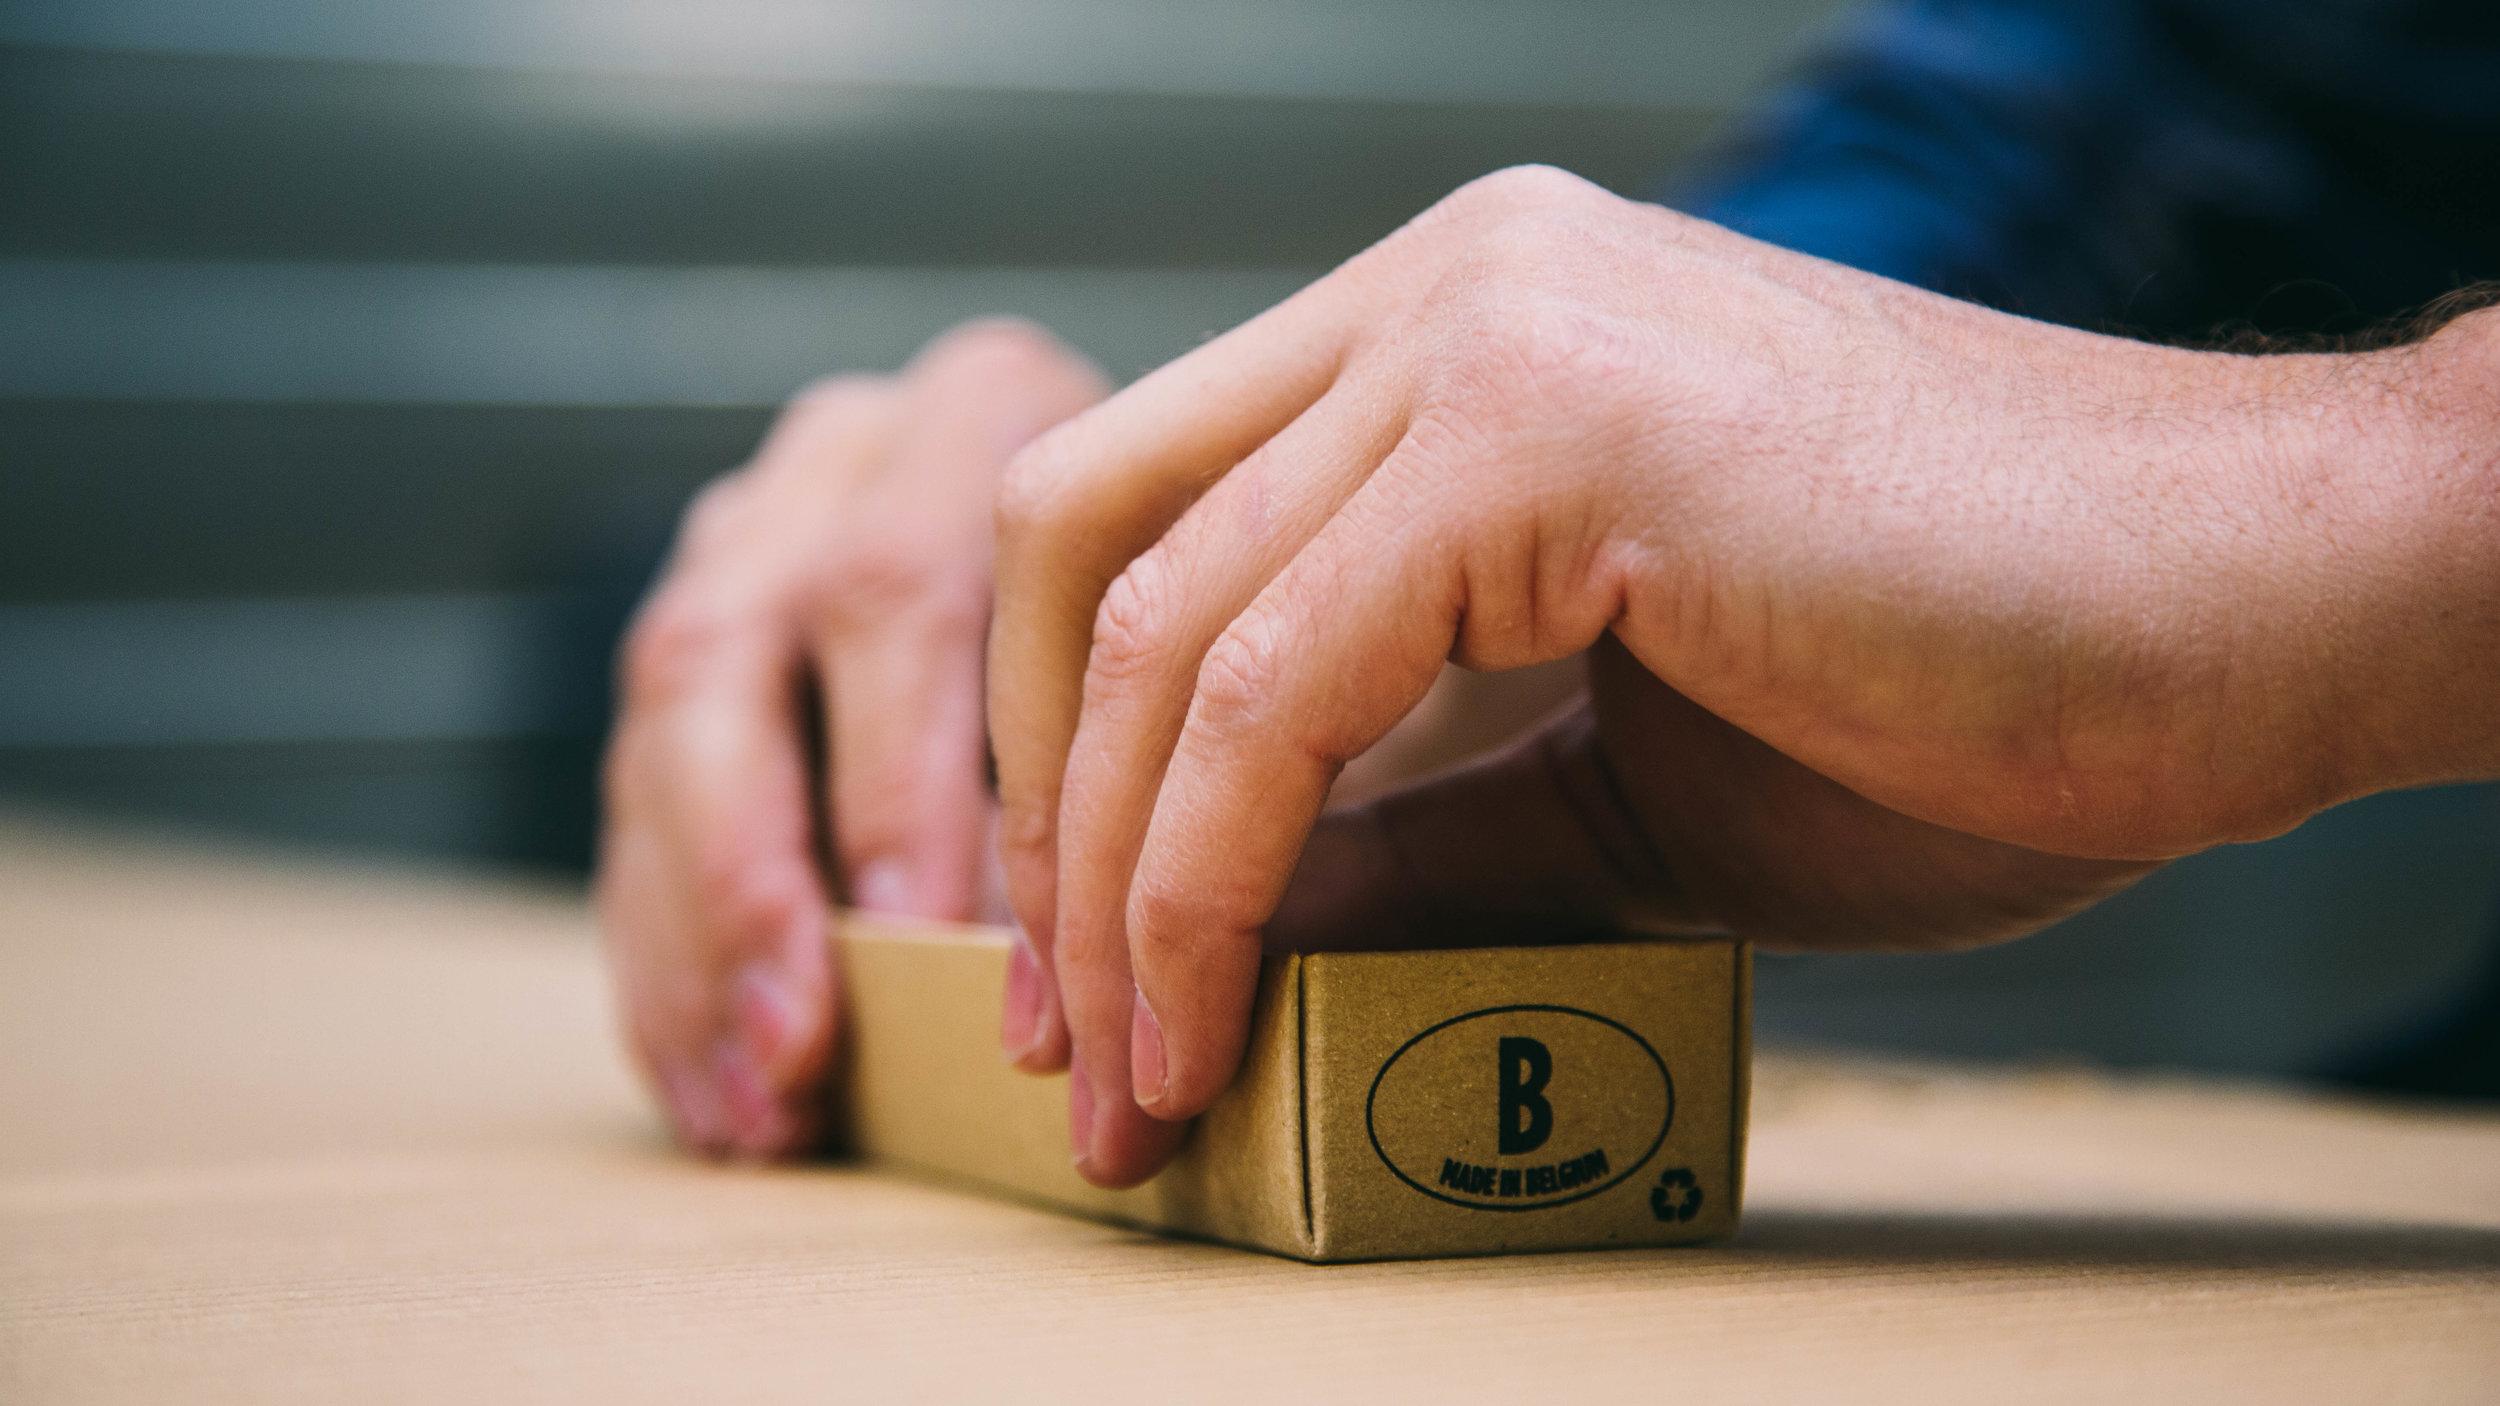 Tijdsintensieve handenarbeid -